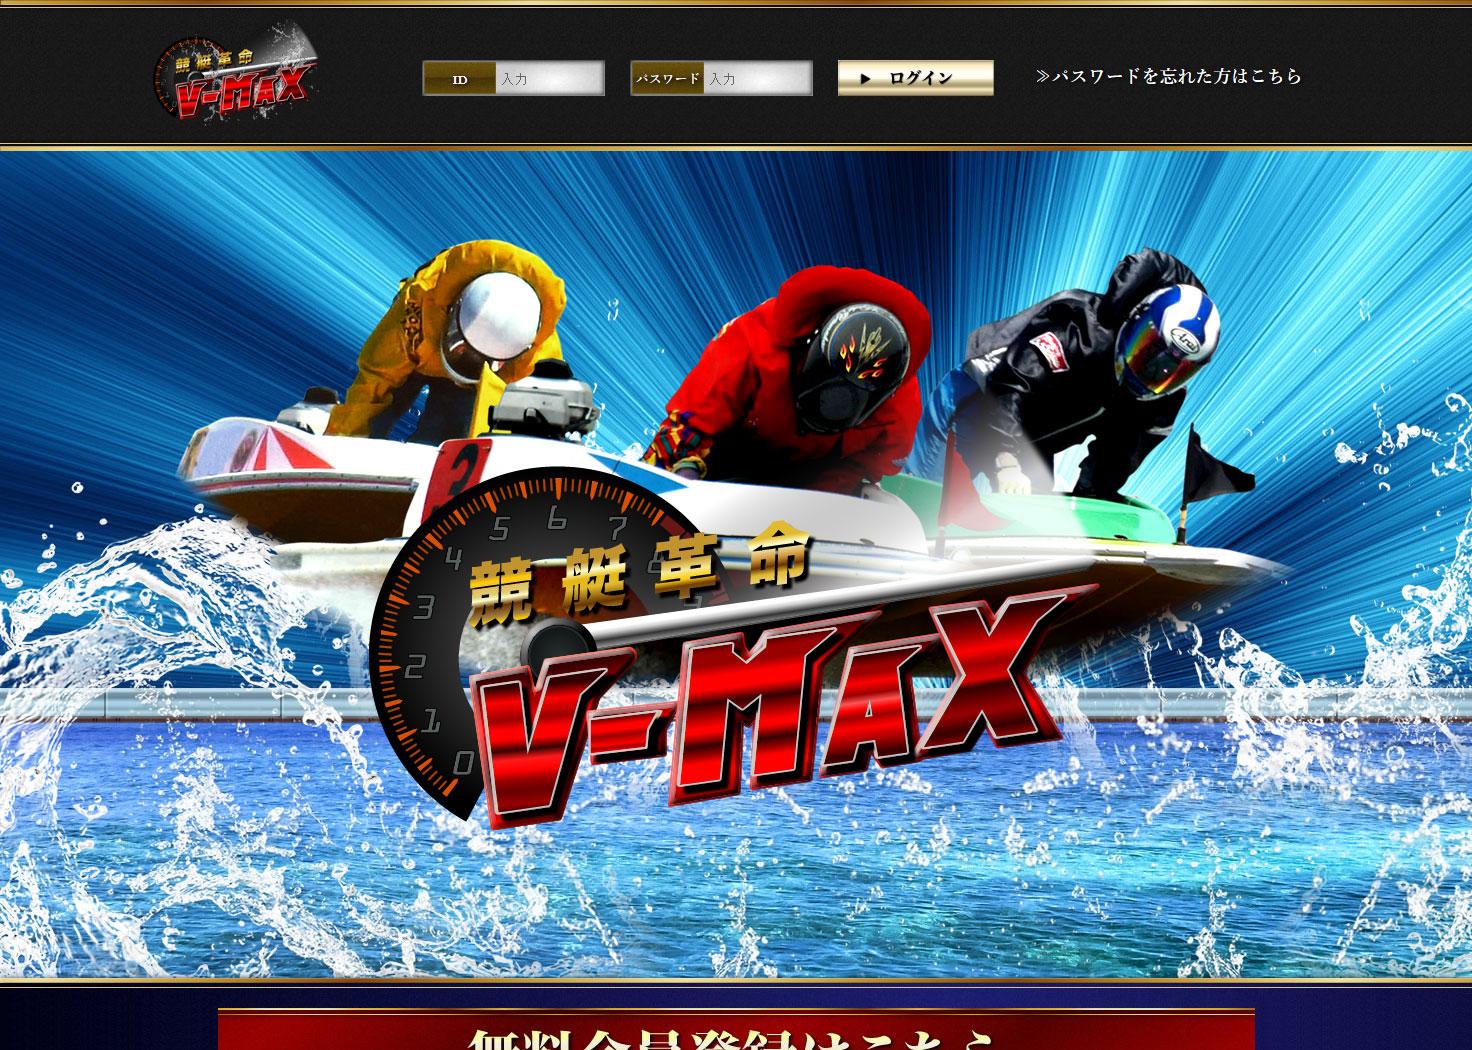 優良 V-MAX(ブイマックス)がリニューアル 競艇予想サイトの口コミ検証や無料情報の予想結果も公開中 競艇革命 V-MAX非会員TOP